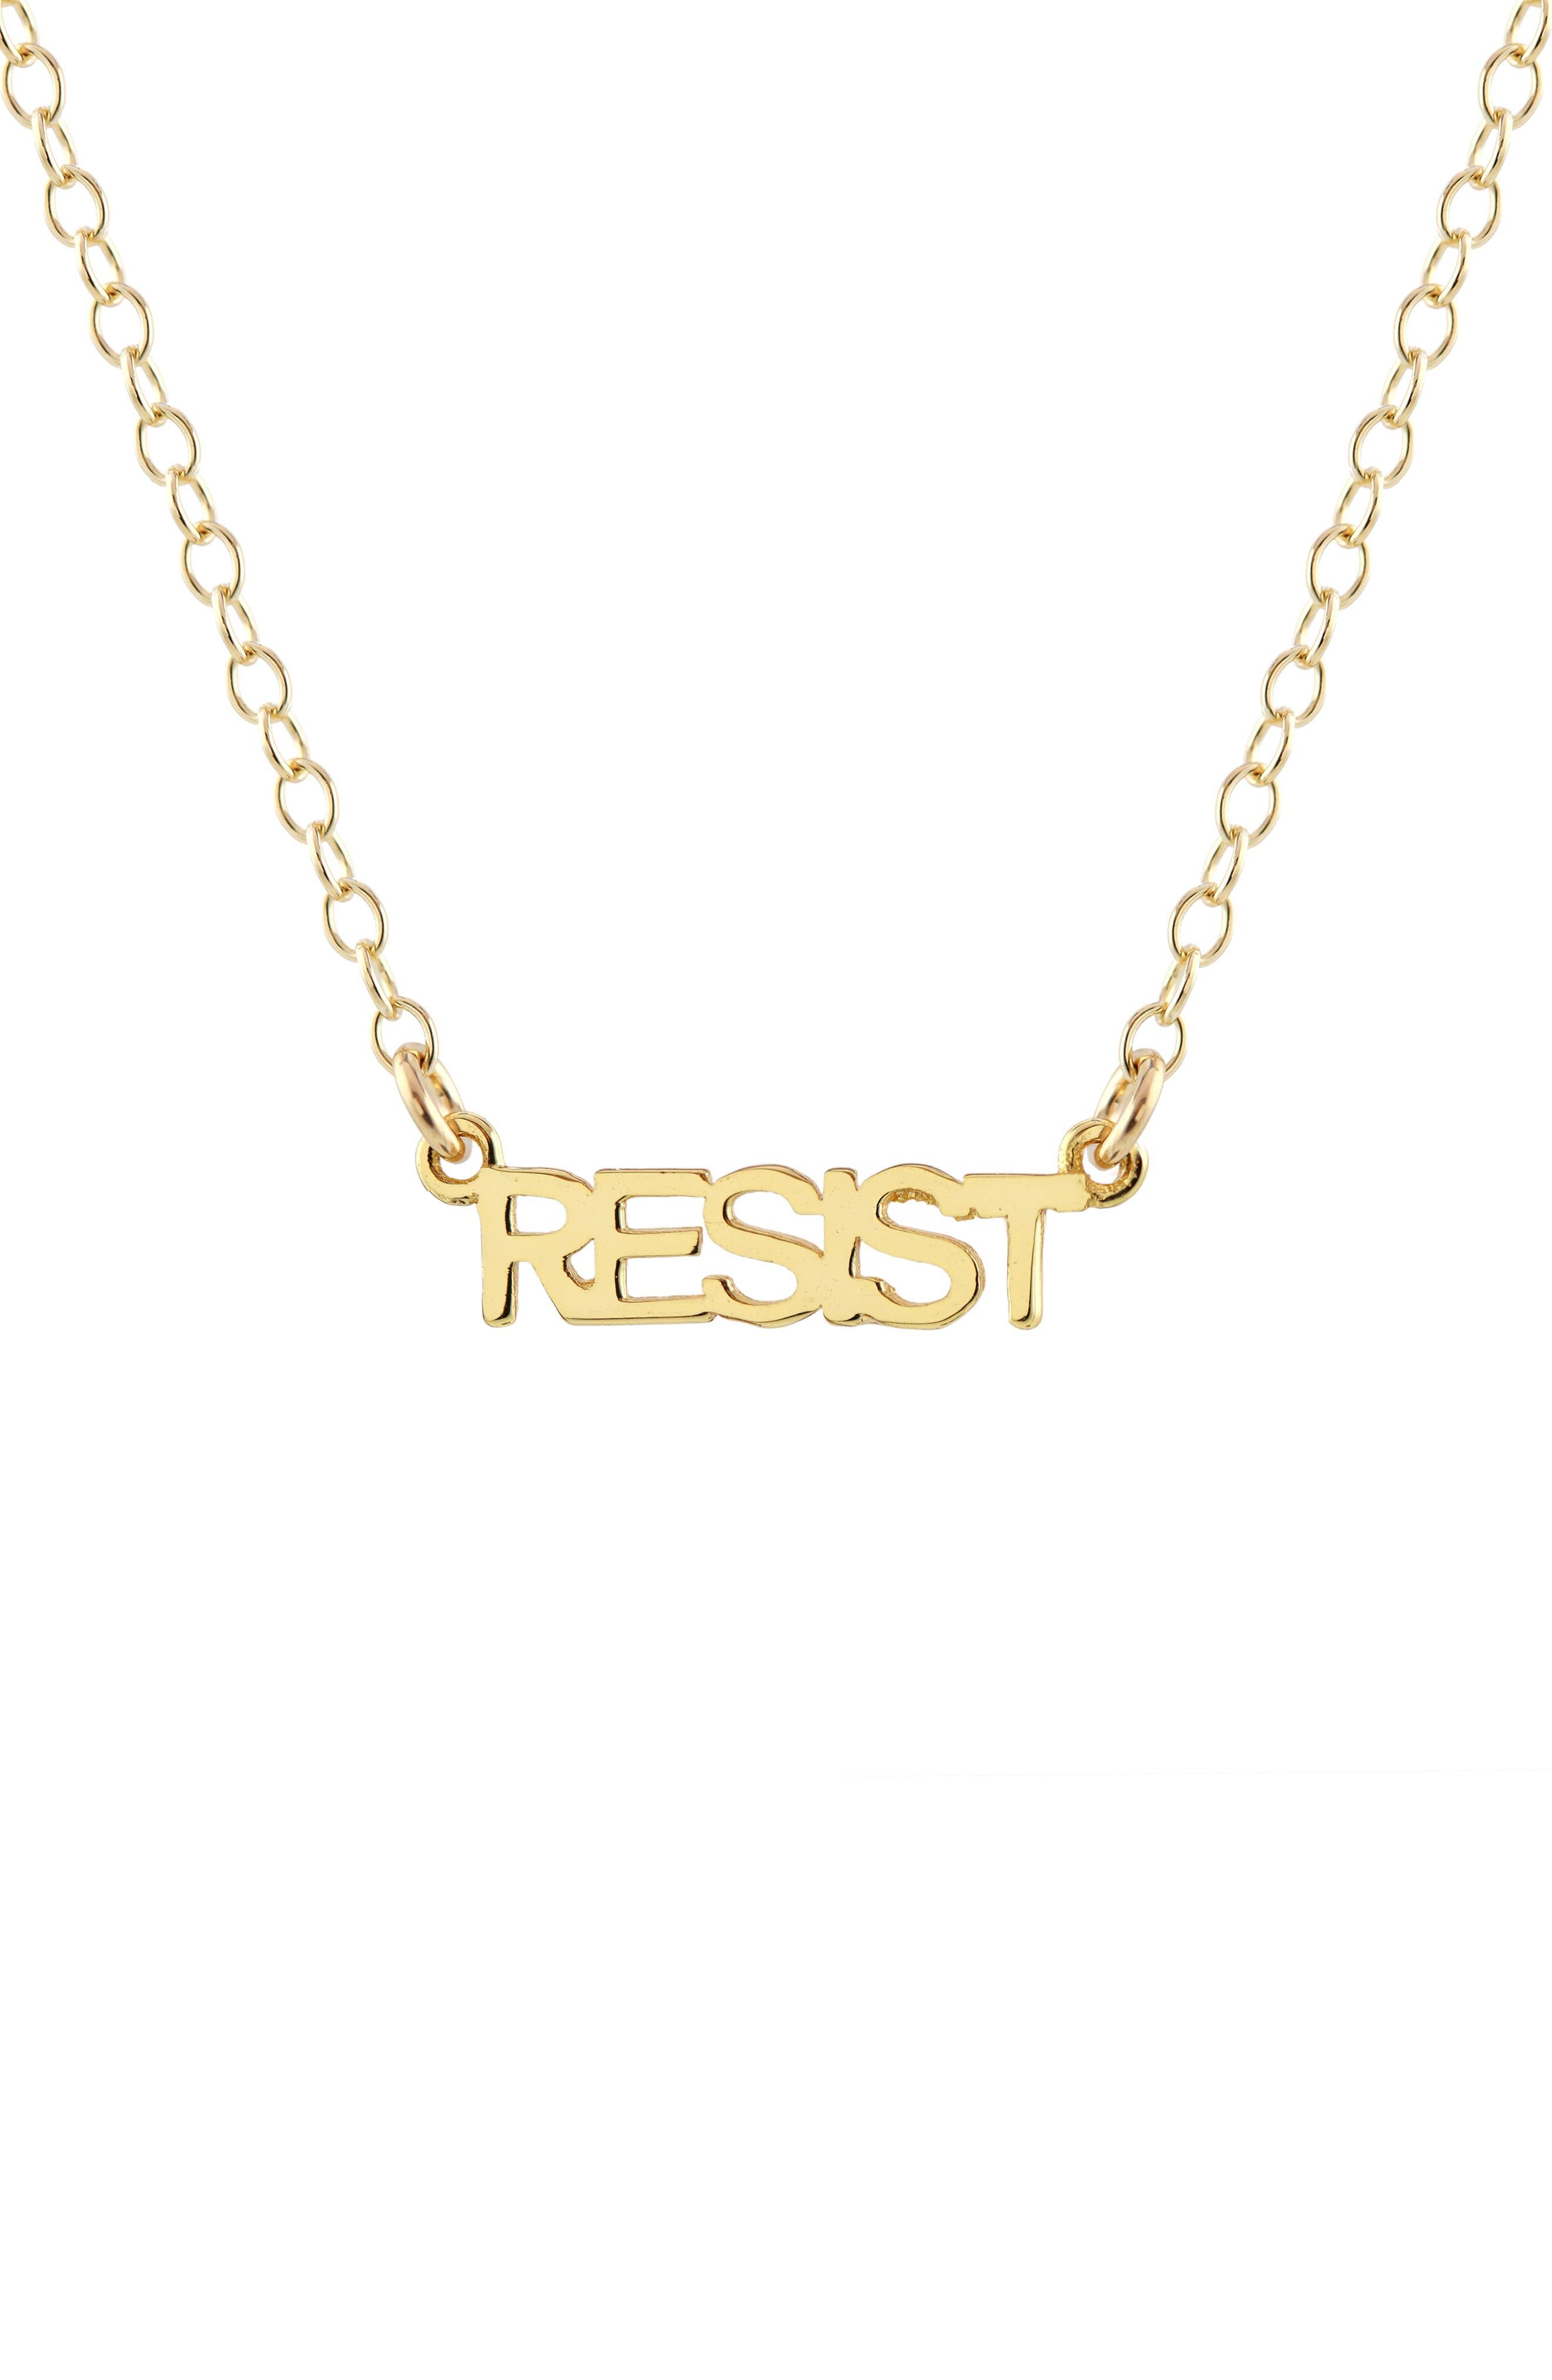 Resist Script Necklace,                         Main,                         color, Gold